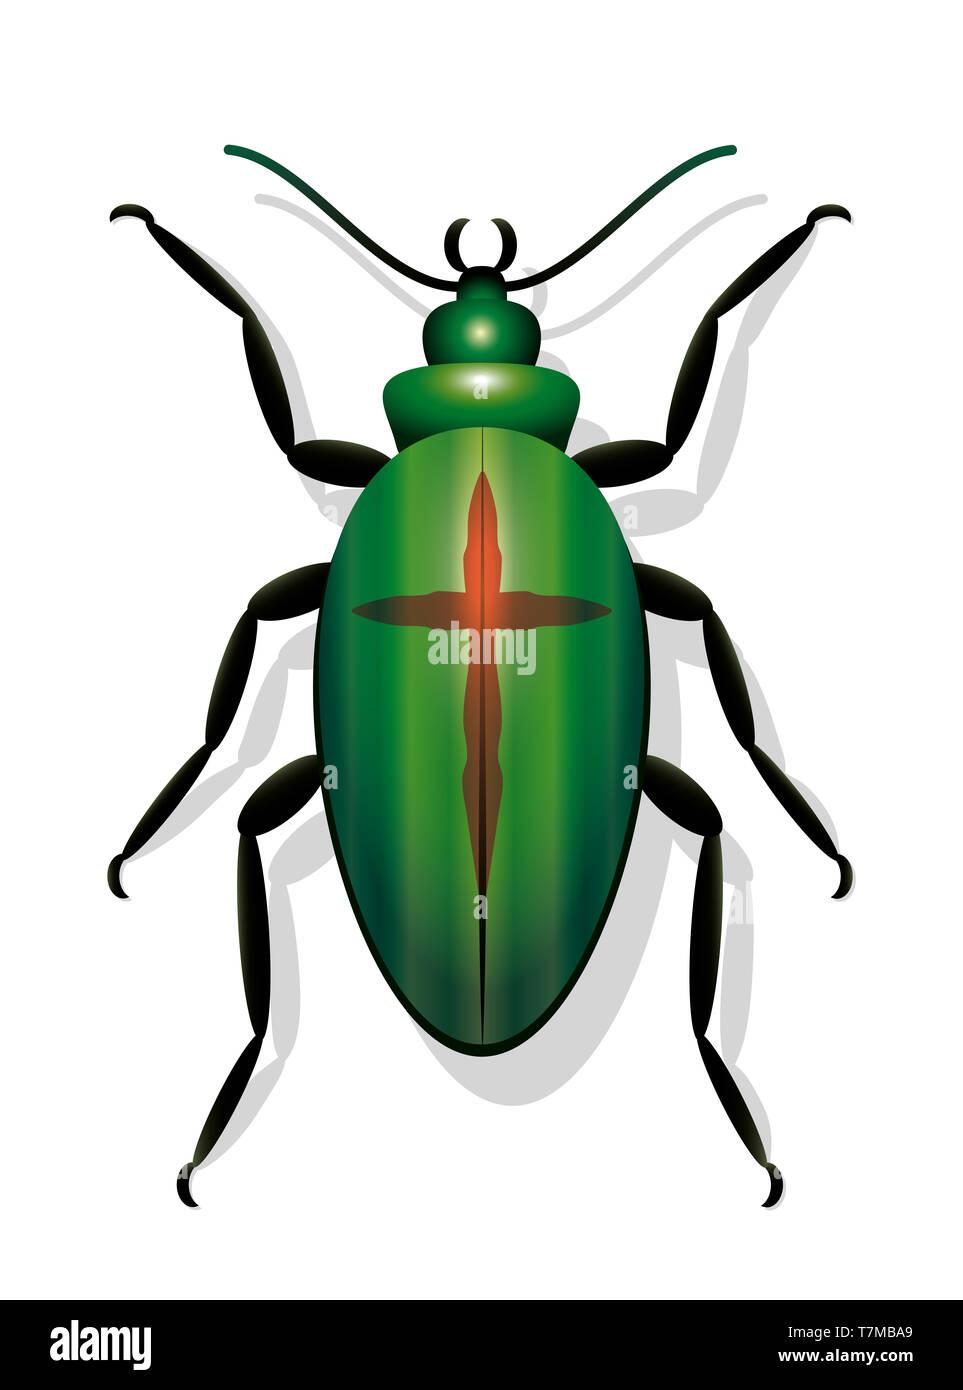 Beetle con cruz, simbólico por la extinción de especies y a la disminución de las poblaciones de insectos - Ilustración sobre fondo blanco. Imagen De Stock